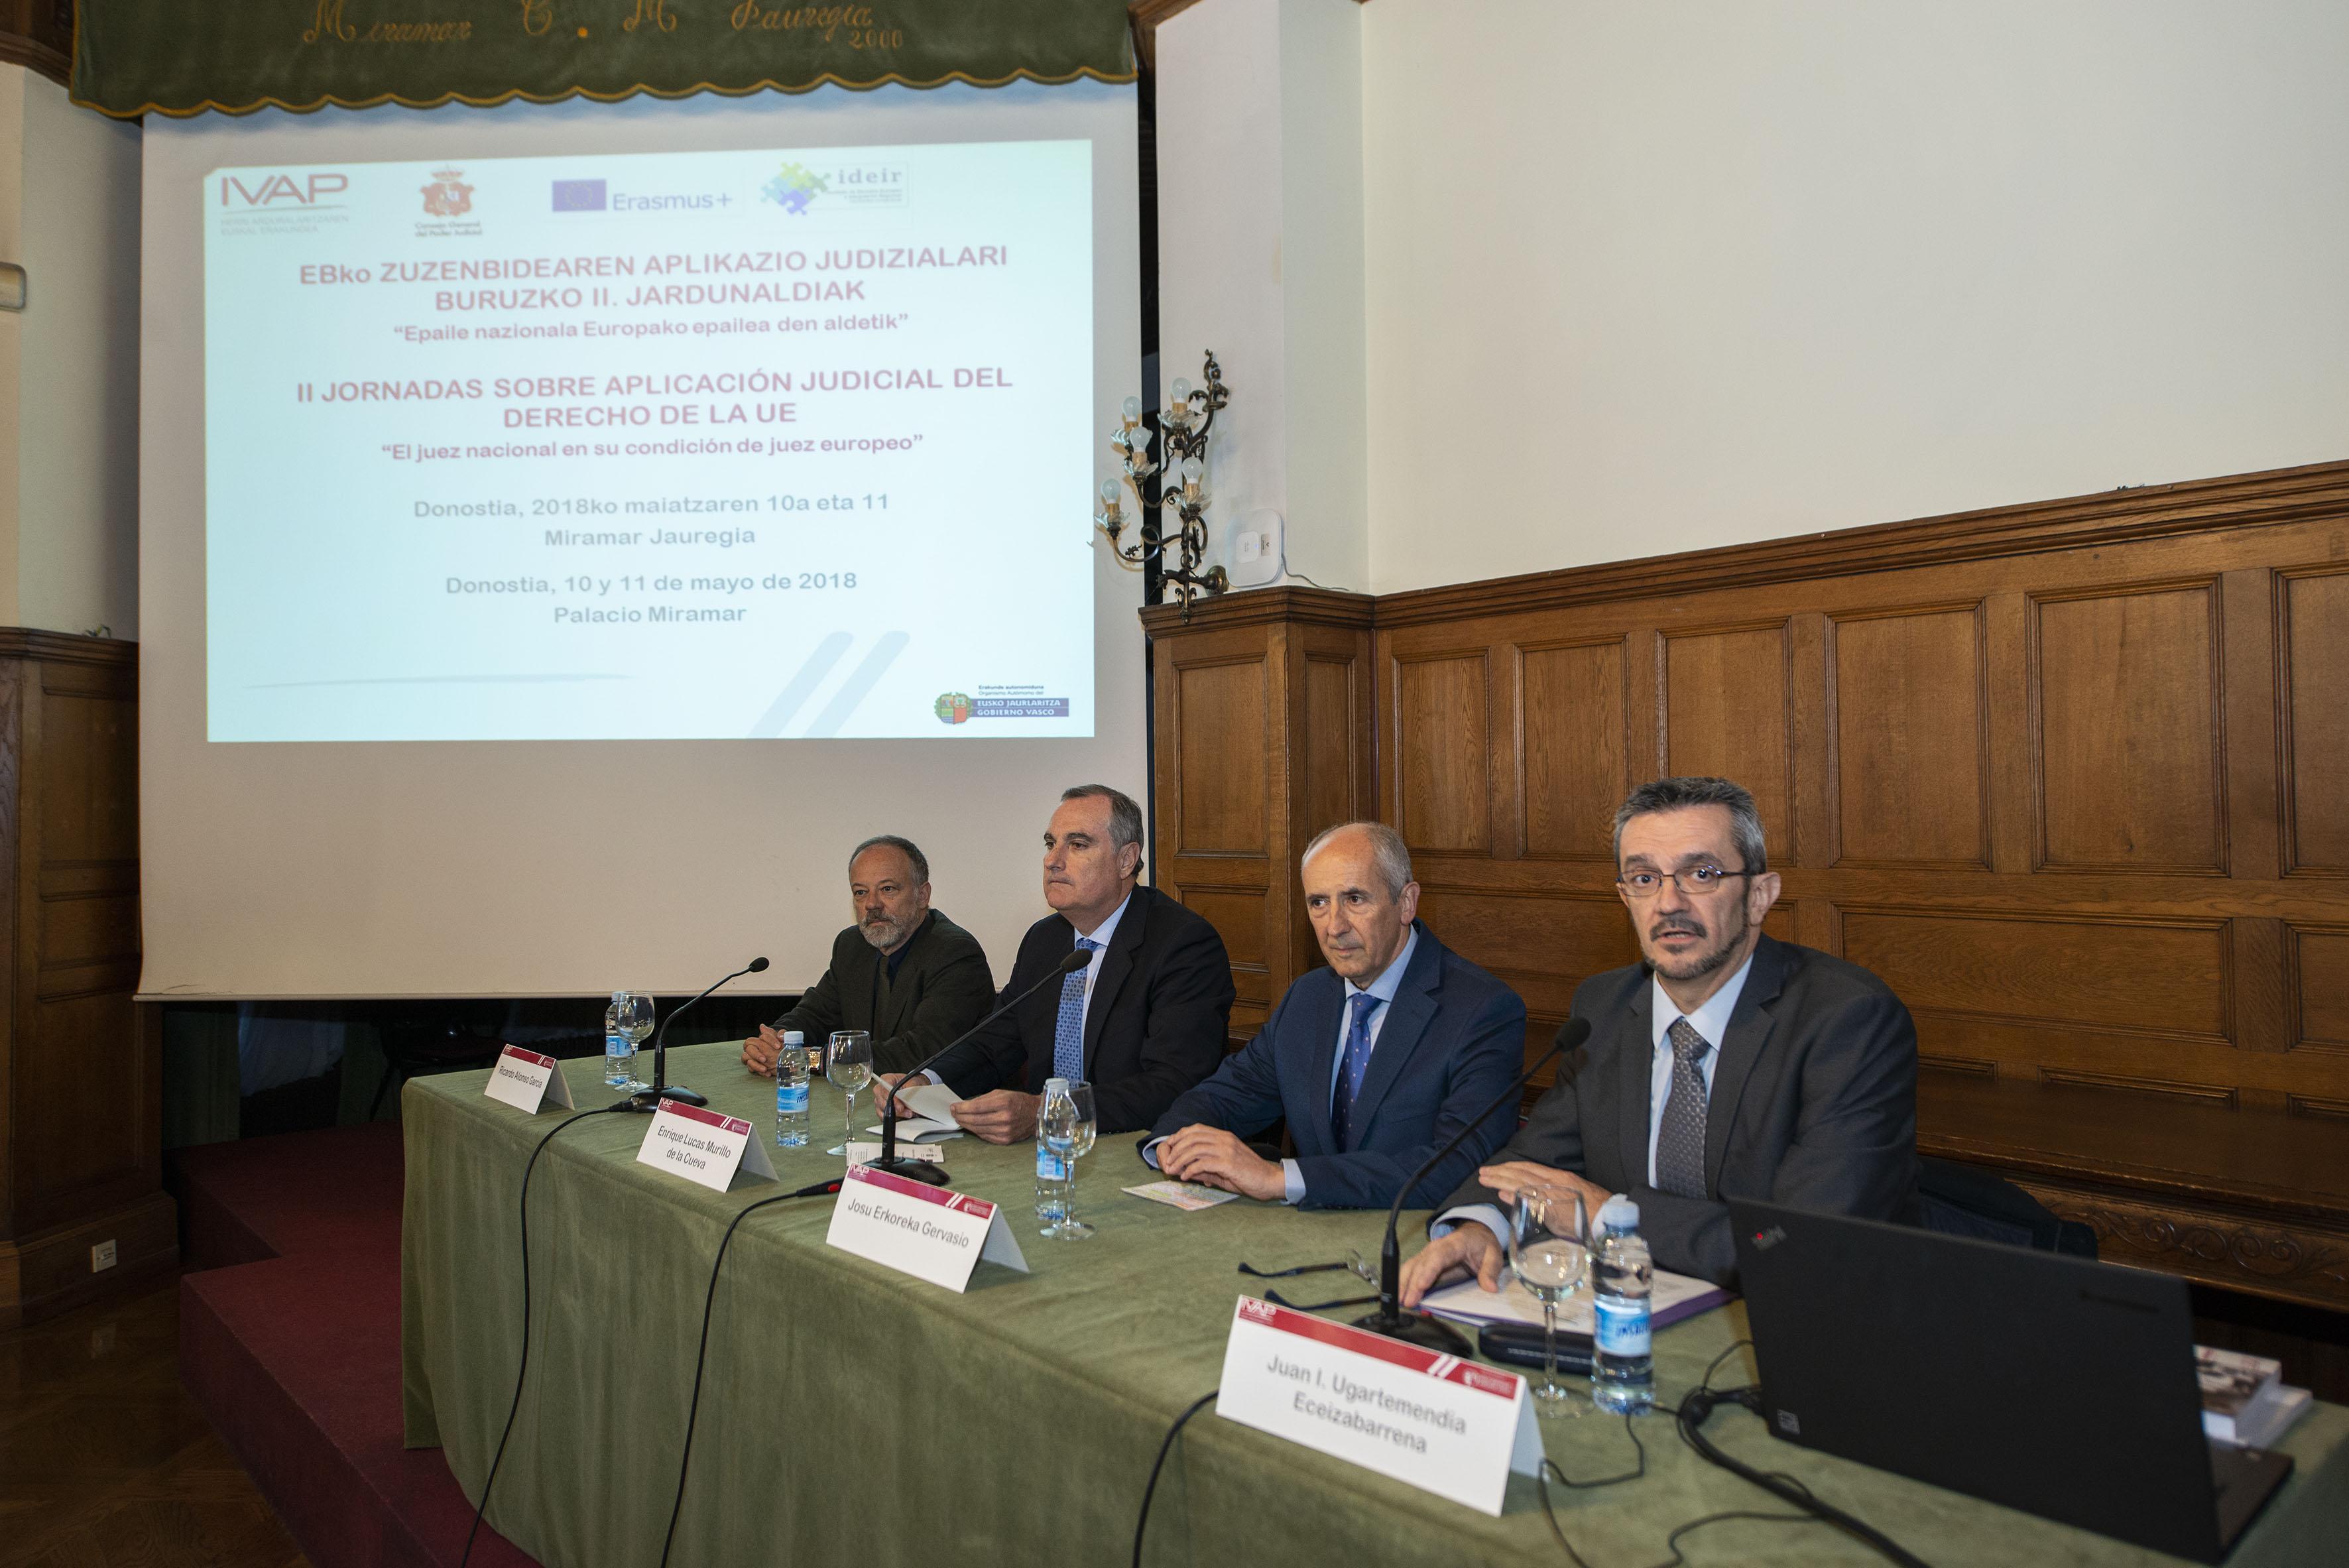 Josu Erkoreka y Enrique Lucas inauguran el segundo curso de formación para profesionales de la carrera judicial y de las administraciones públicas